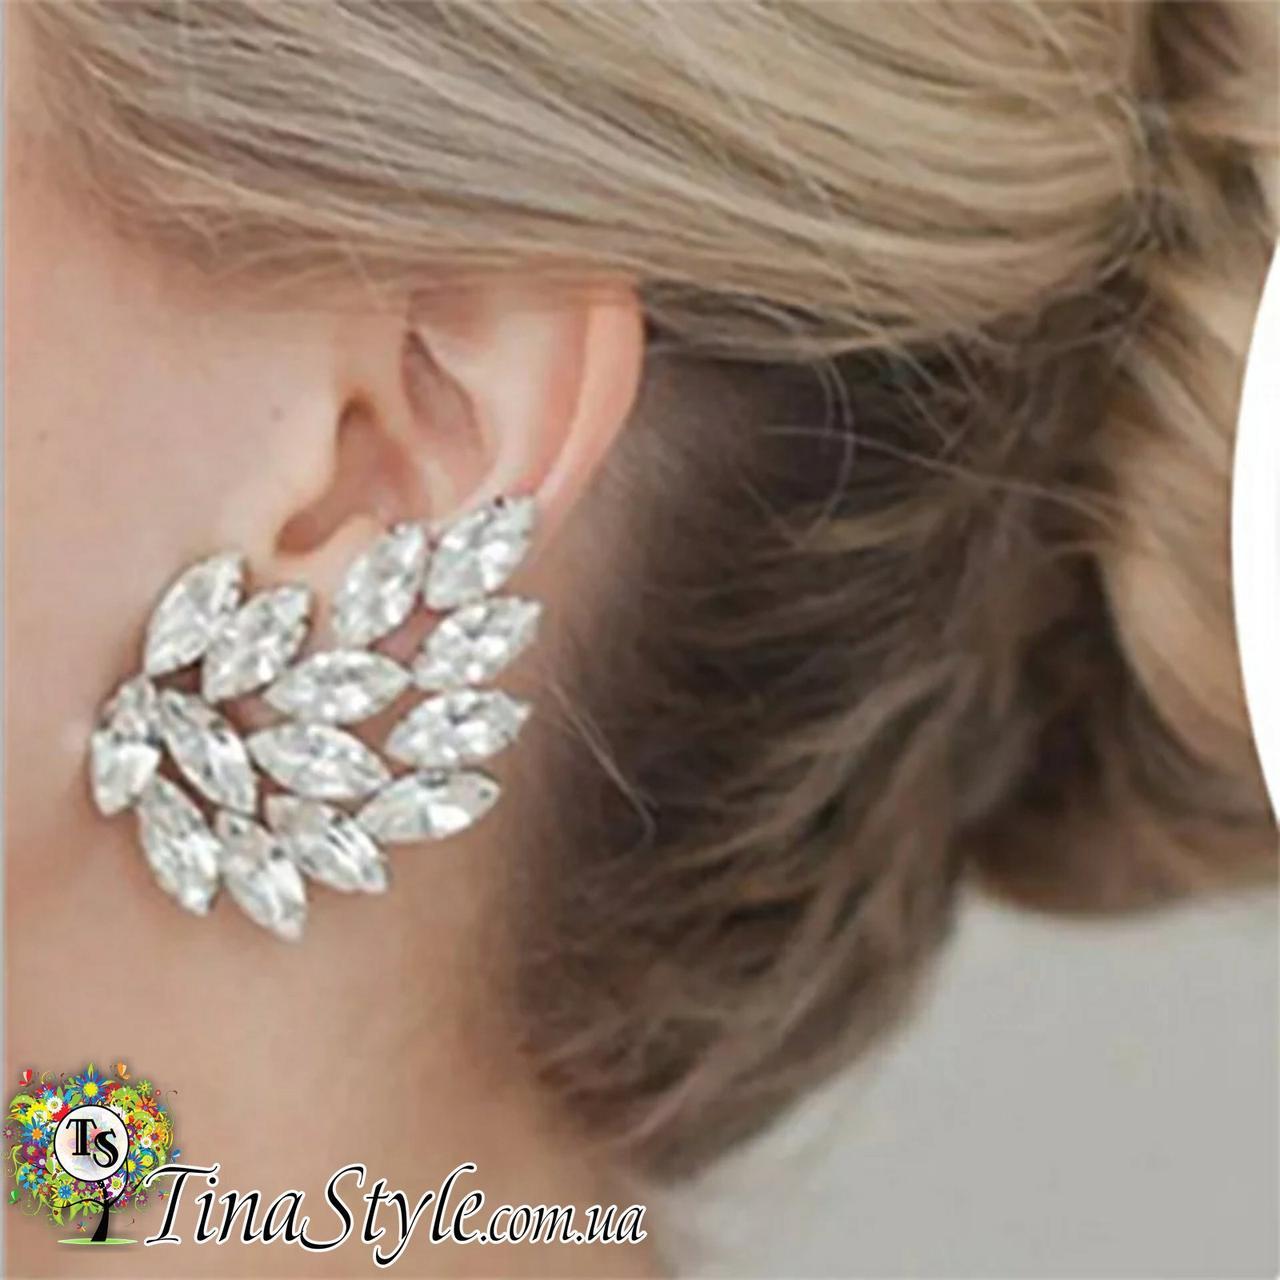 Кафф на вухо кристал квітка Earcuff Кліп каф сережки ШИК ХІТ Кліпс